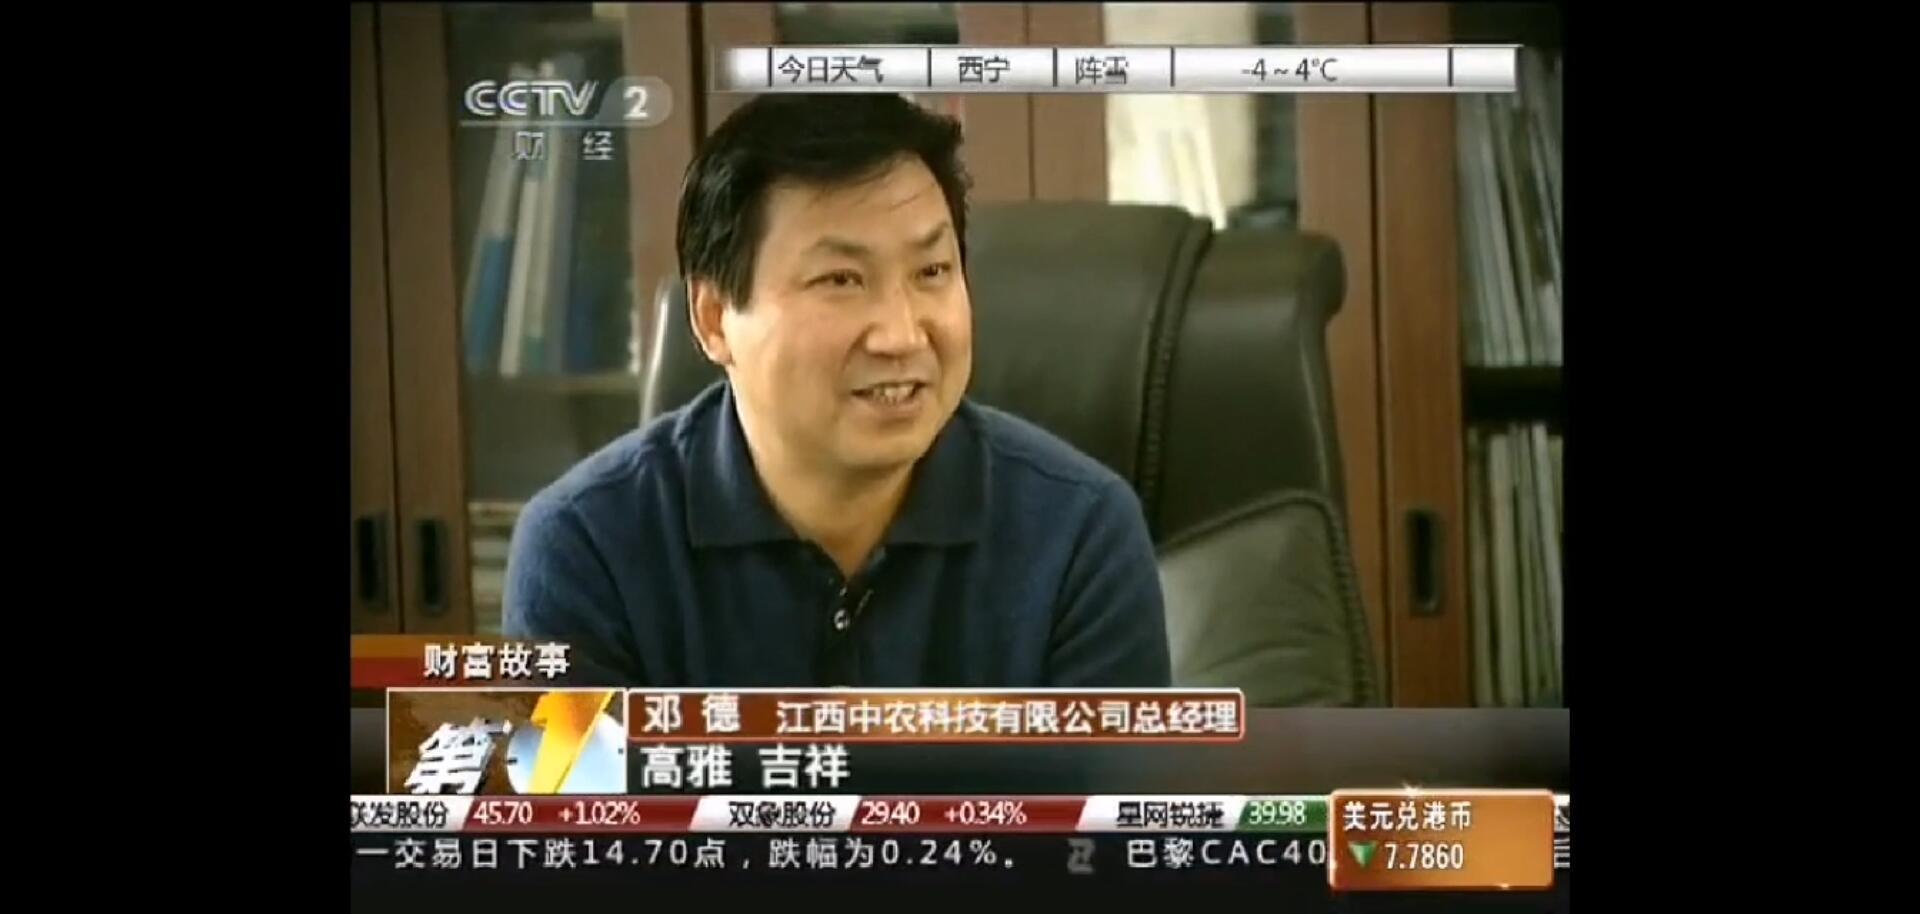 CCTV-2 第一时间